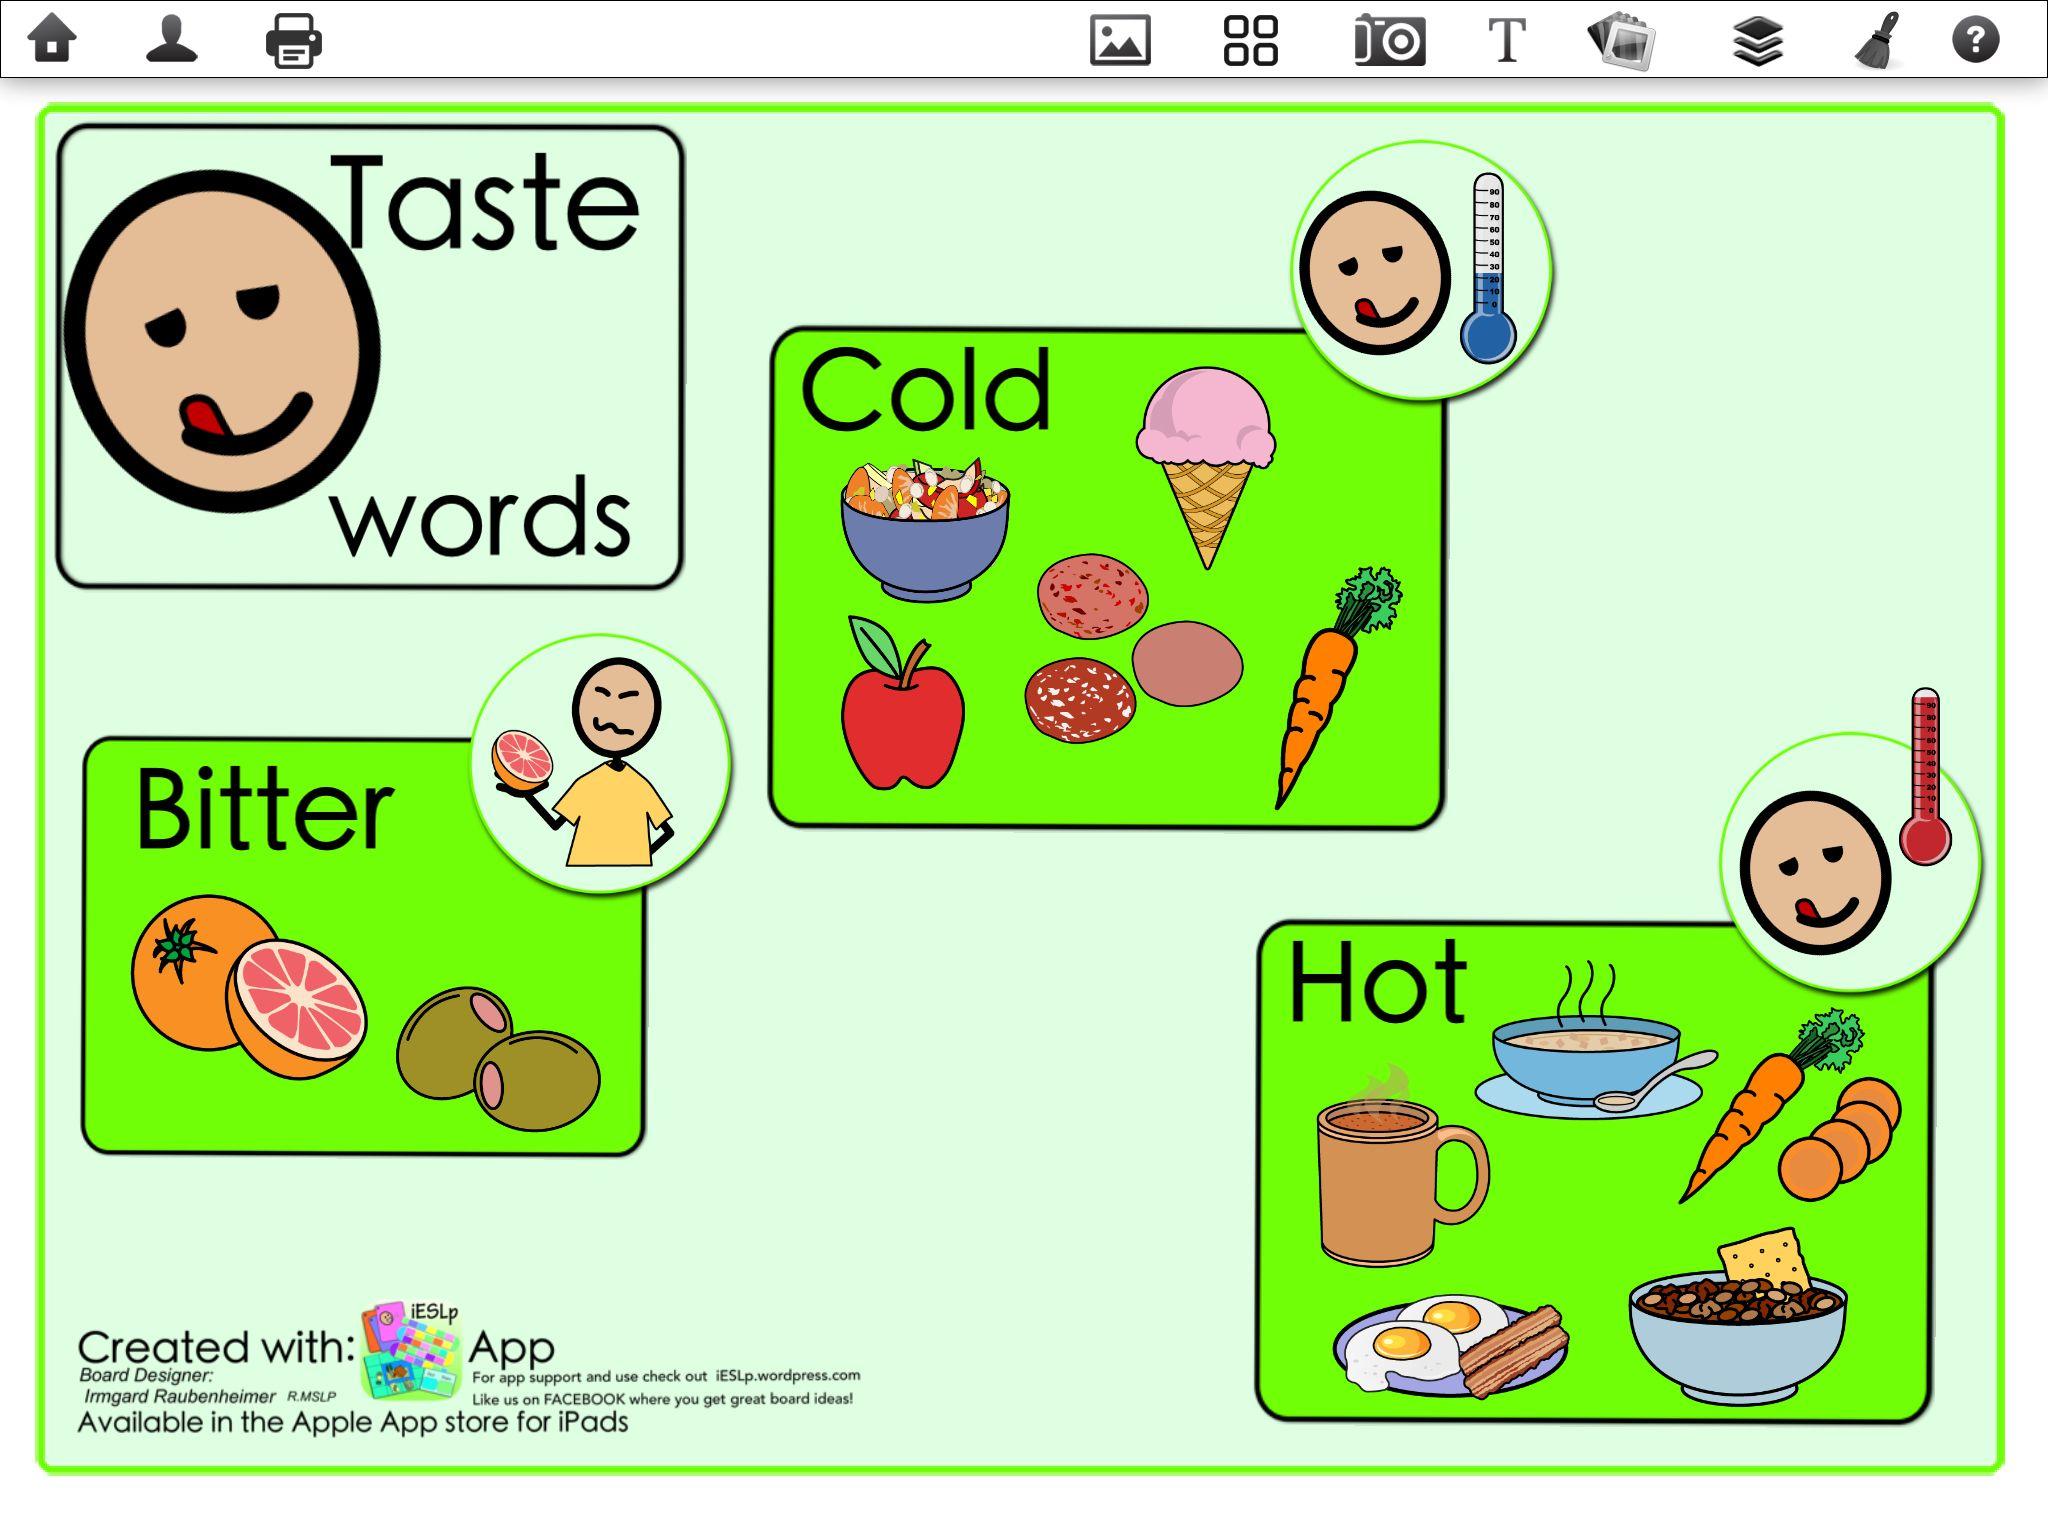 Five Senses Taste Words